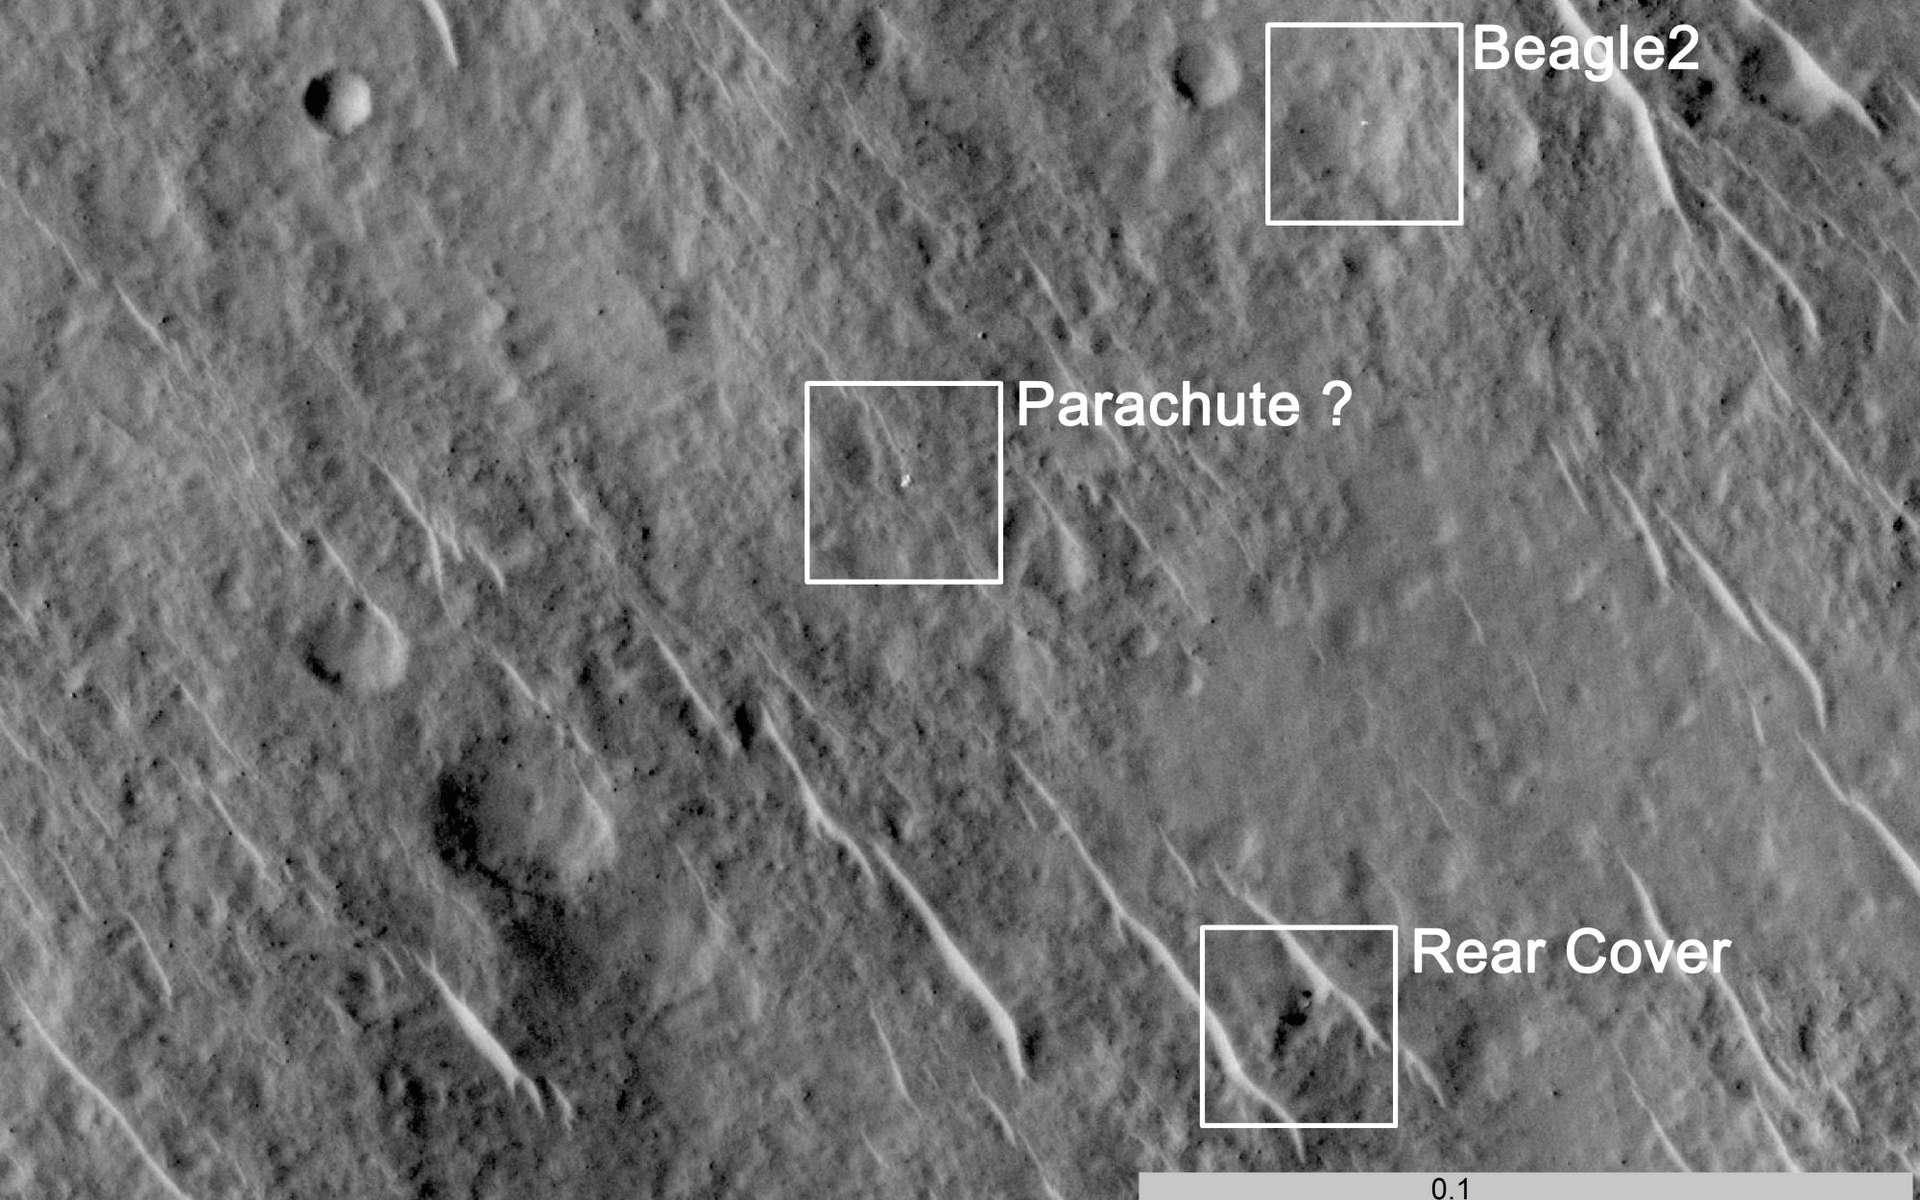 L'image saisie par HiRise. La forme blanche, à gauche, pourrait être le parachute. Vers le bas, on distingue sans doute le bouclier arrière (Rear cover) et, en haut, Beagle 2 lui-même. © University of Leicester/ Beagle 2/Nasa/JPL/University of Arizona